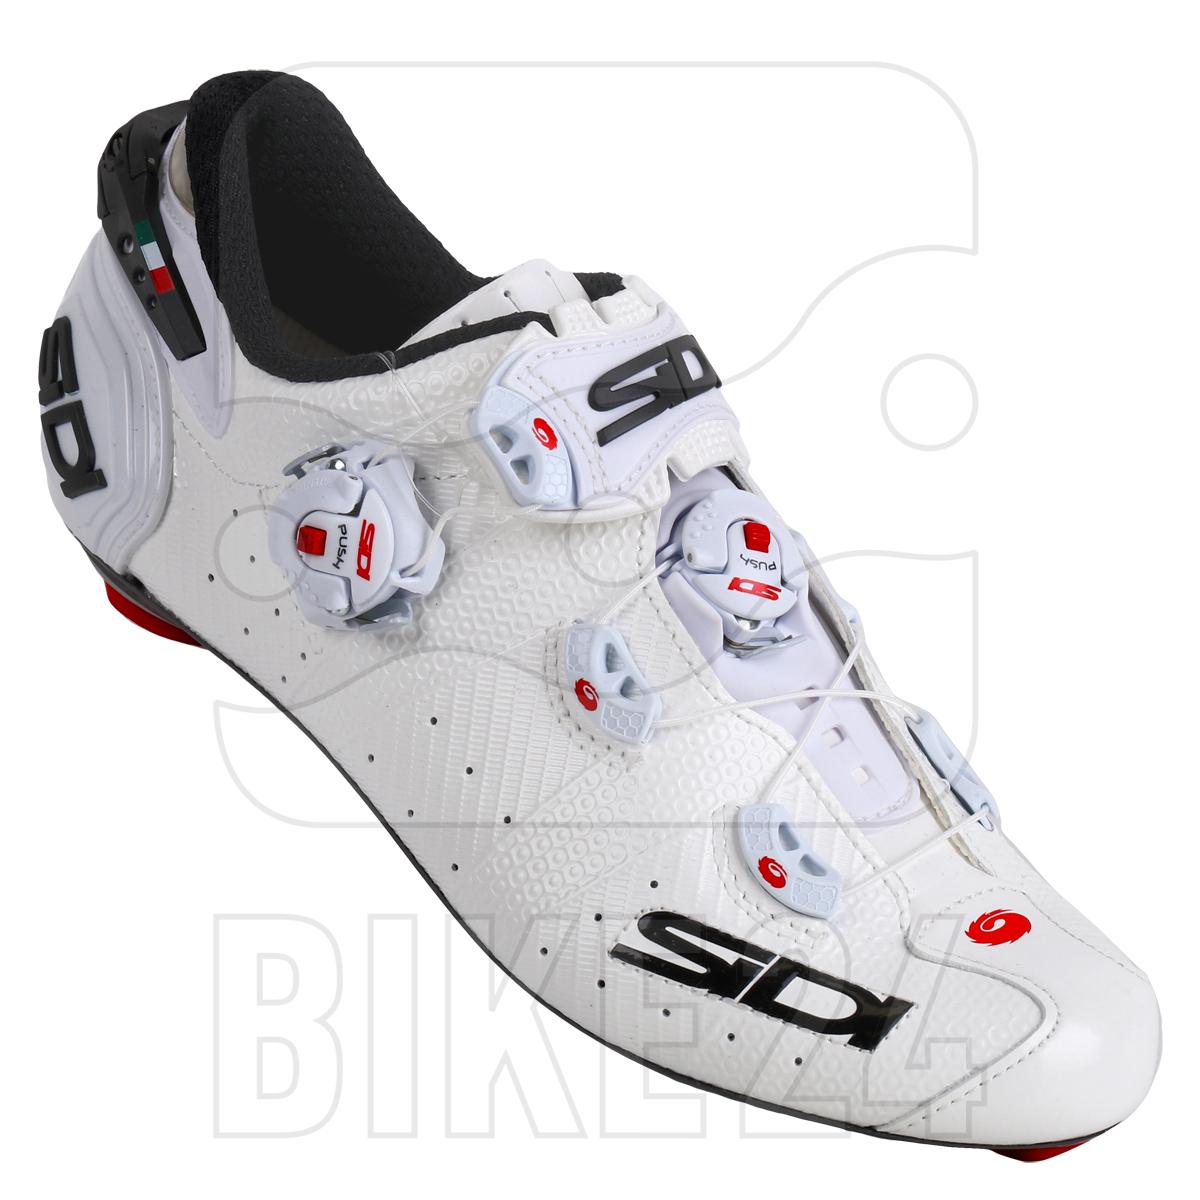 Sidi Wire 2 Carbon - Zapatillas ciclismo carretera Mujer - blanco